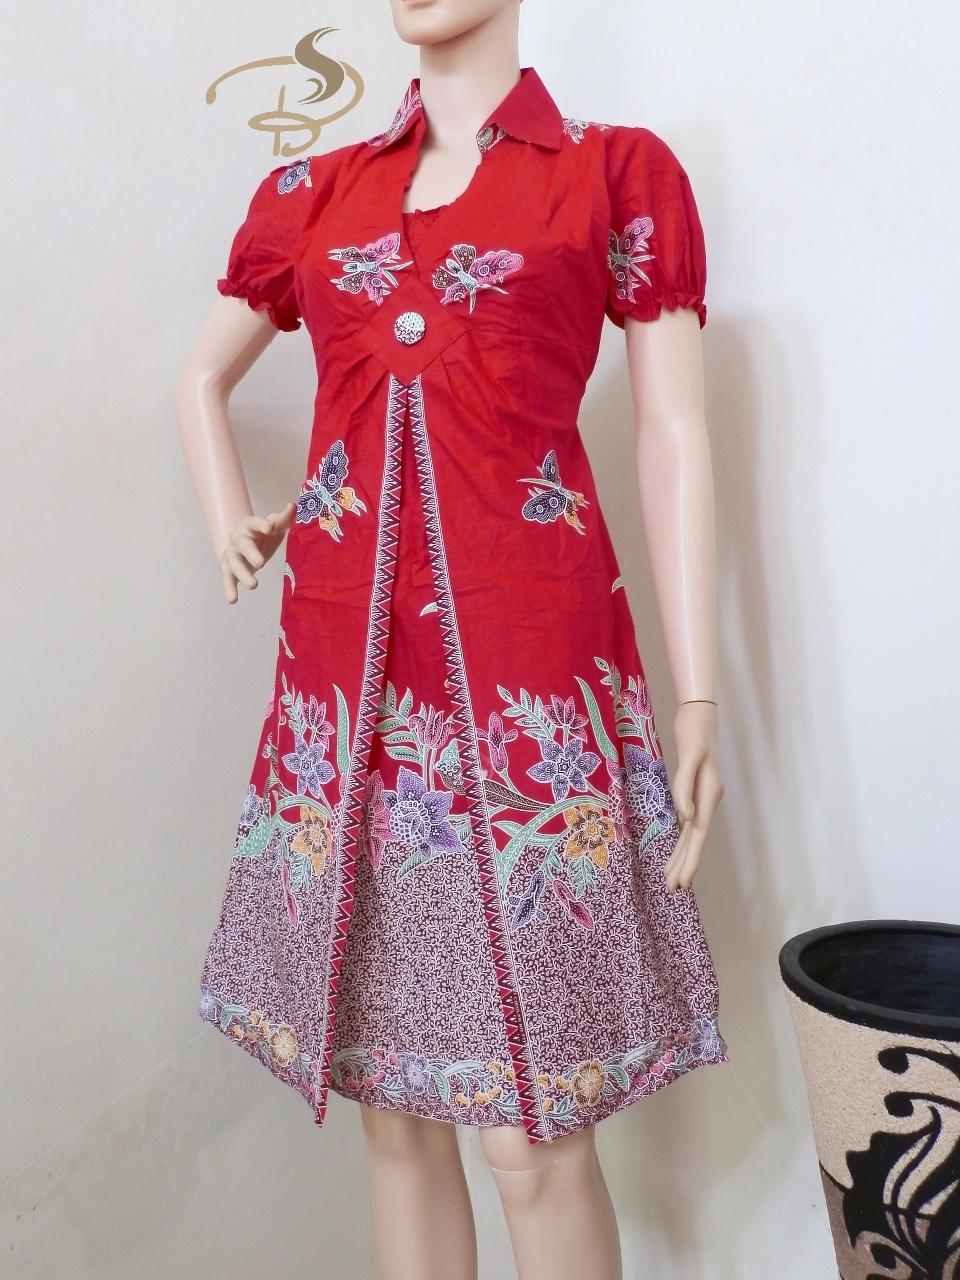 Contoh Desain Baju Batik Bagus | Klopdesain